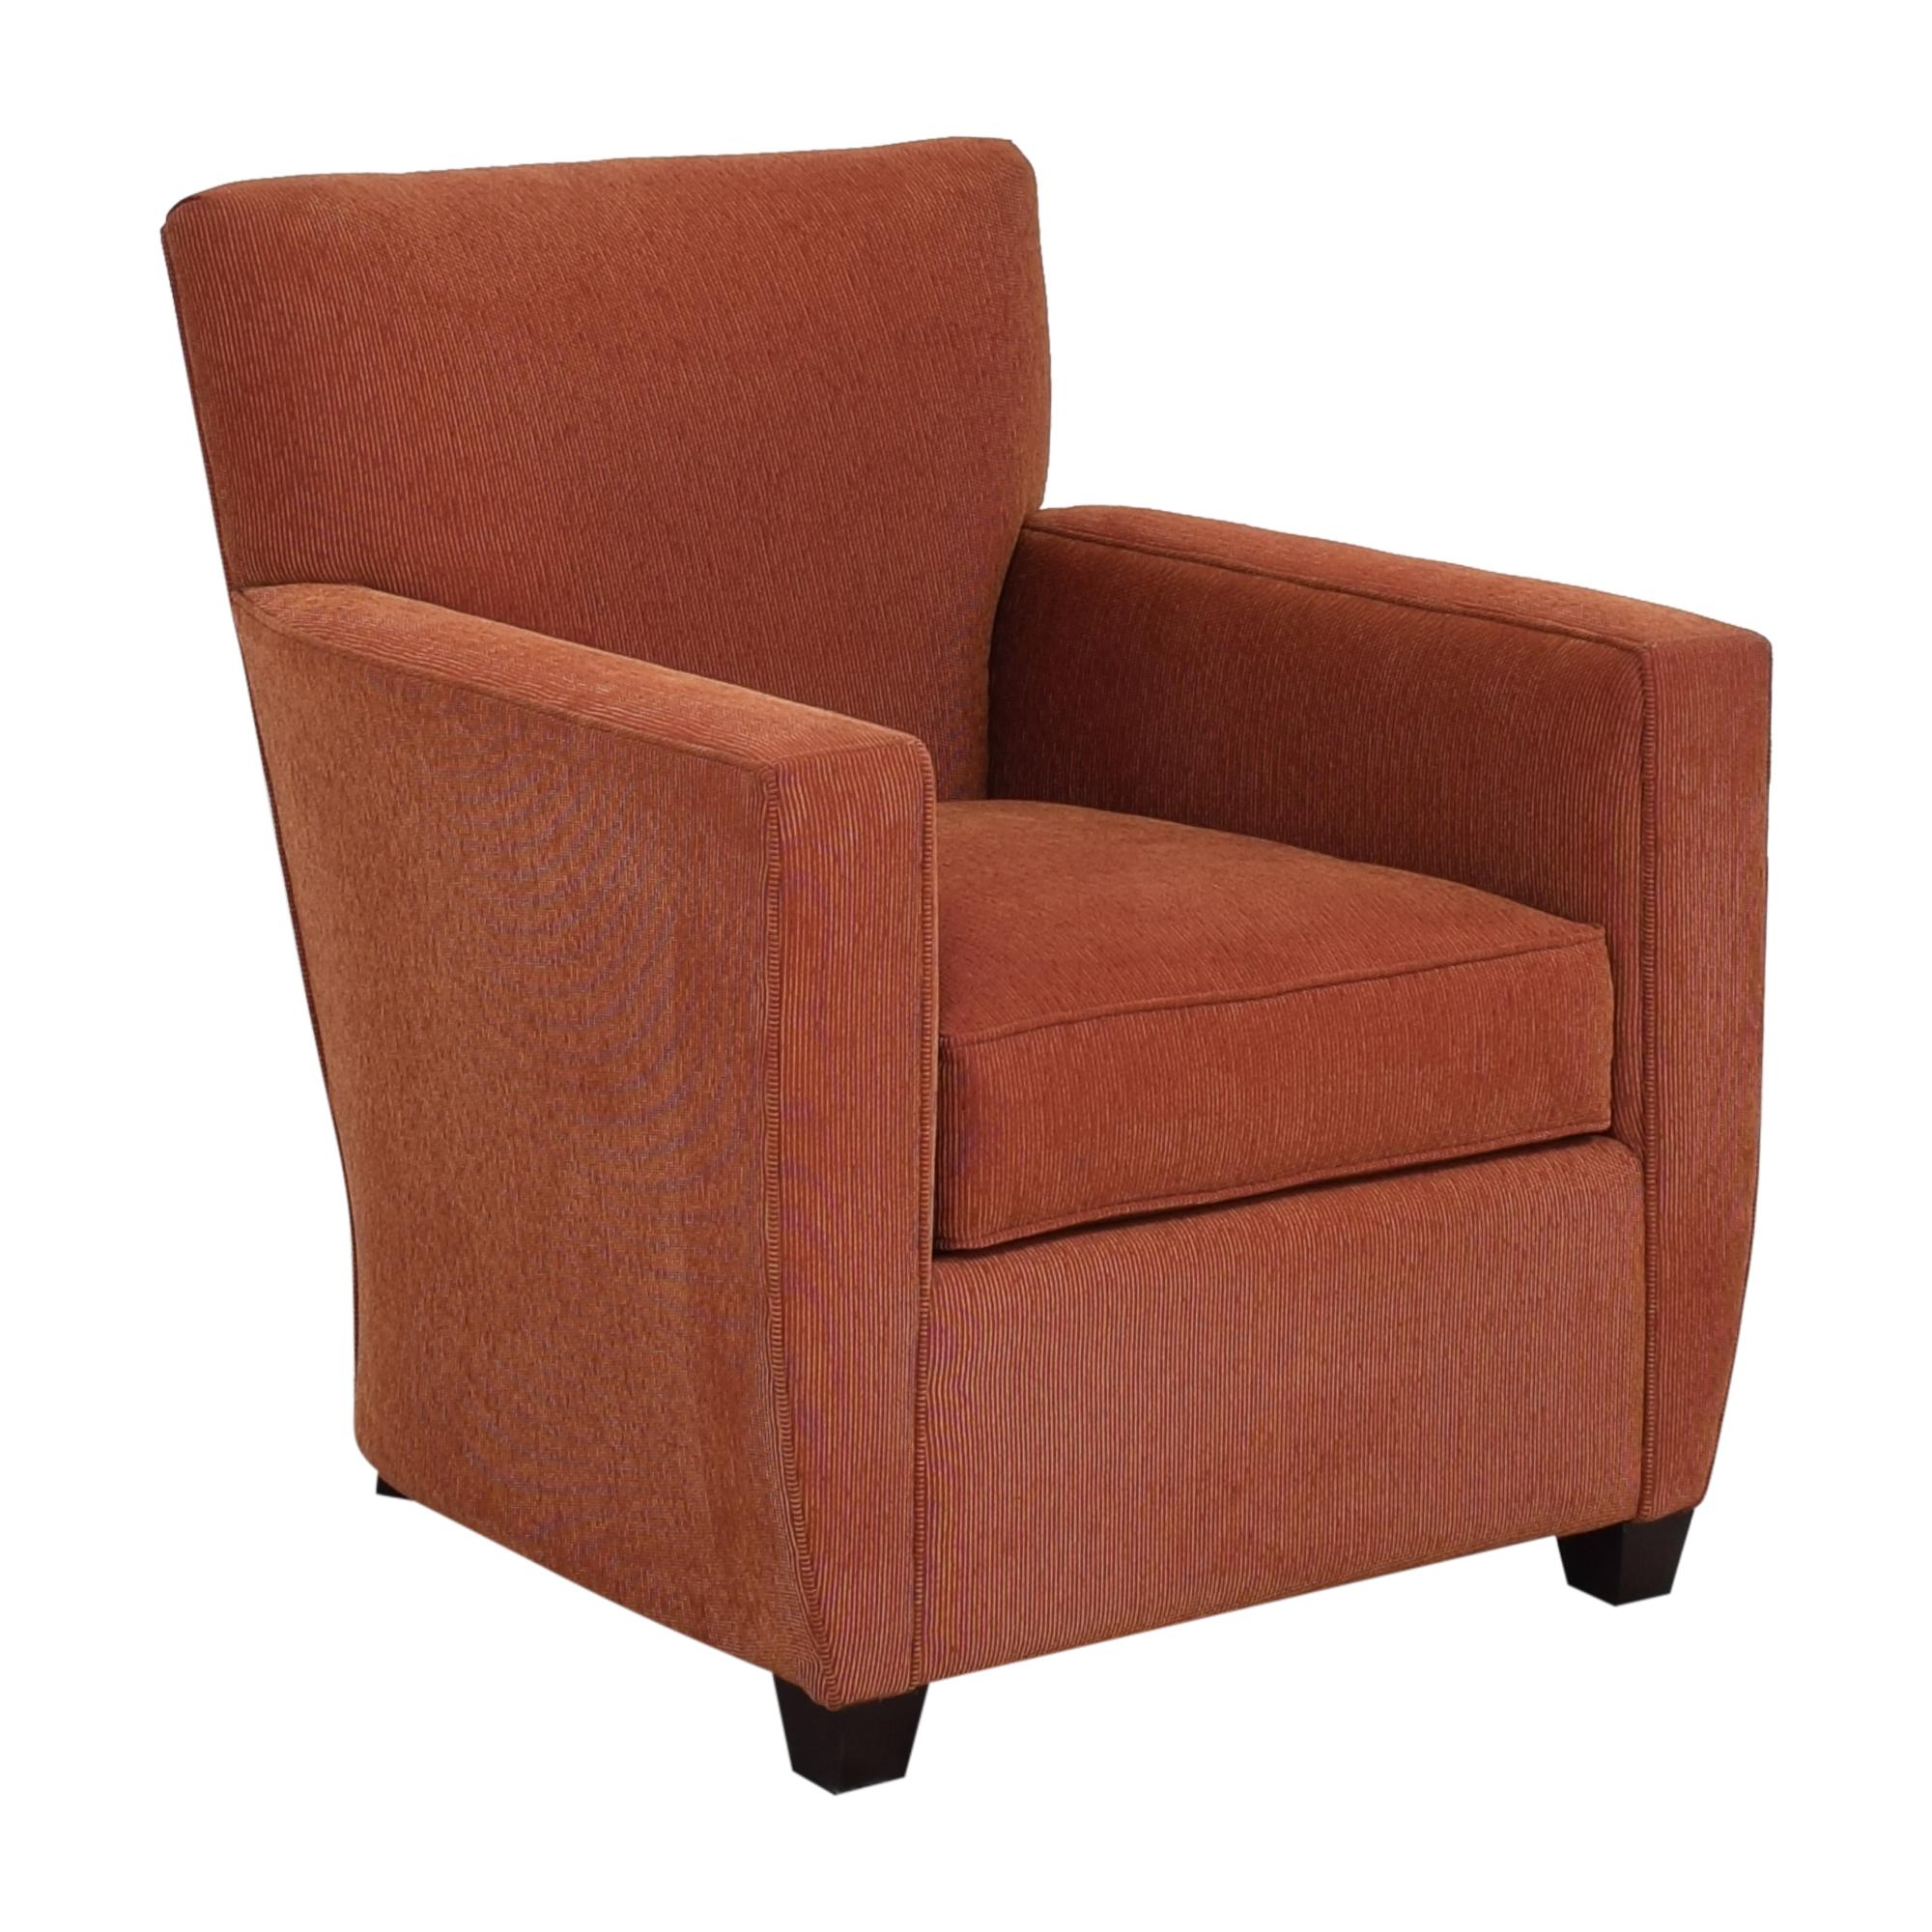 Crate & Barrel Crate & Barrel Accent Chair